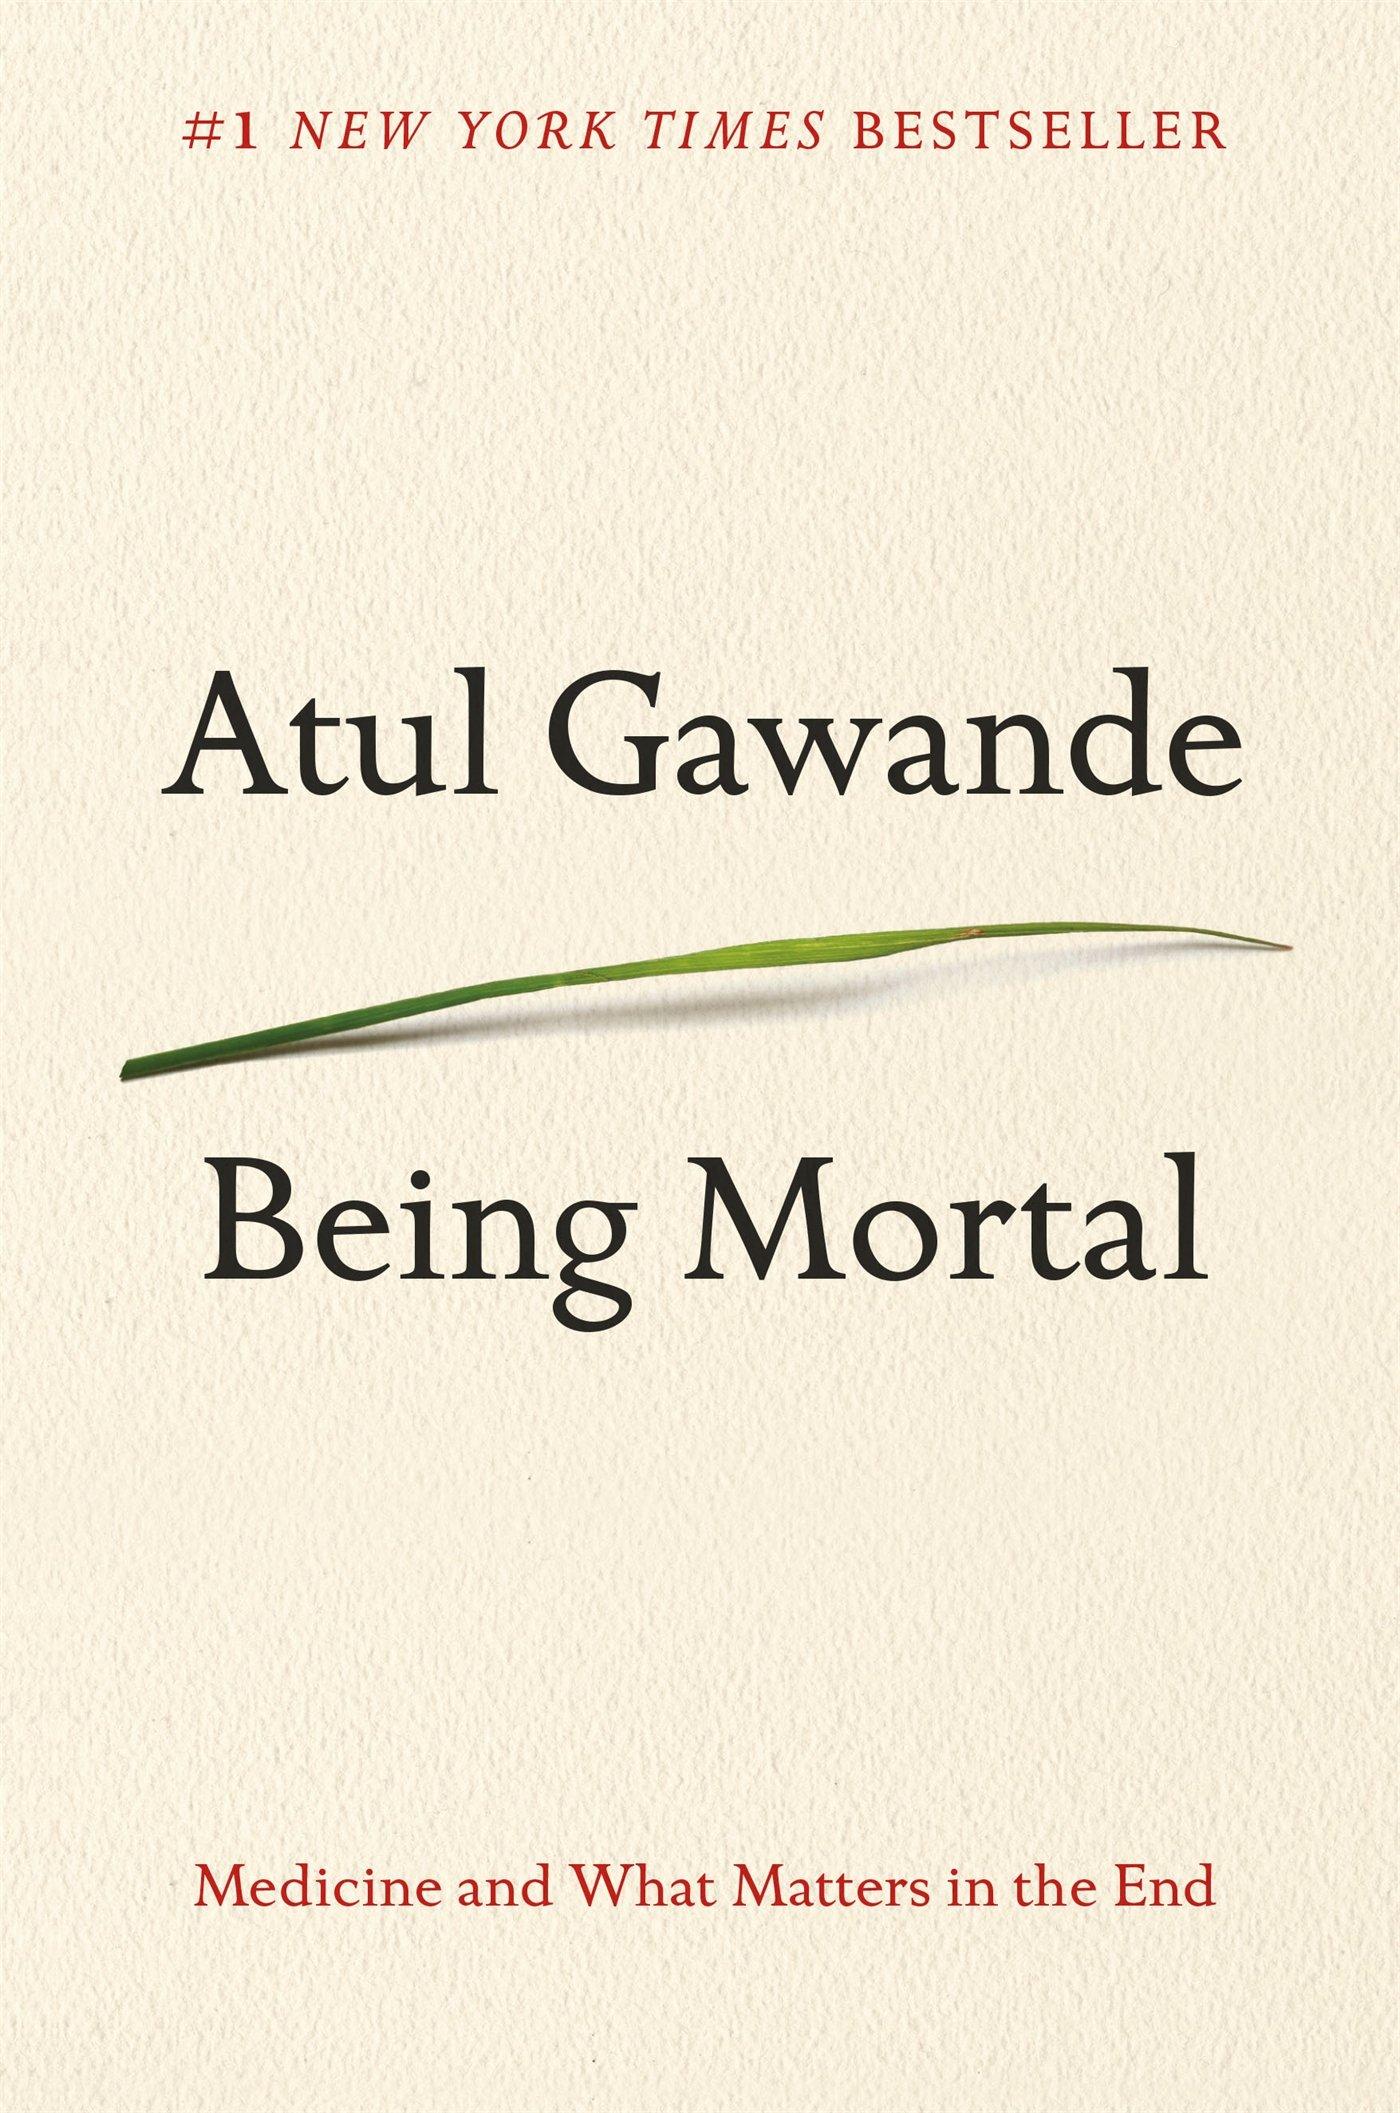 Being Mortal ISBN-13 9780805095159